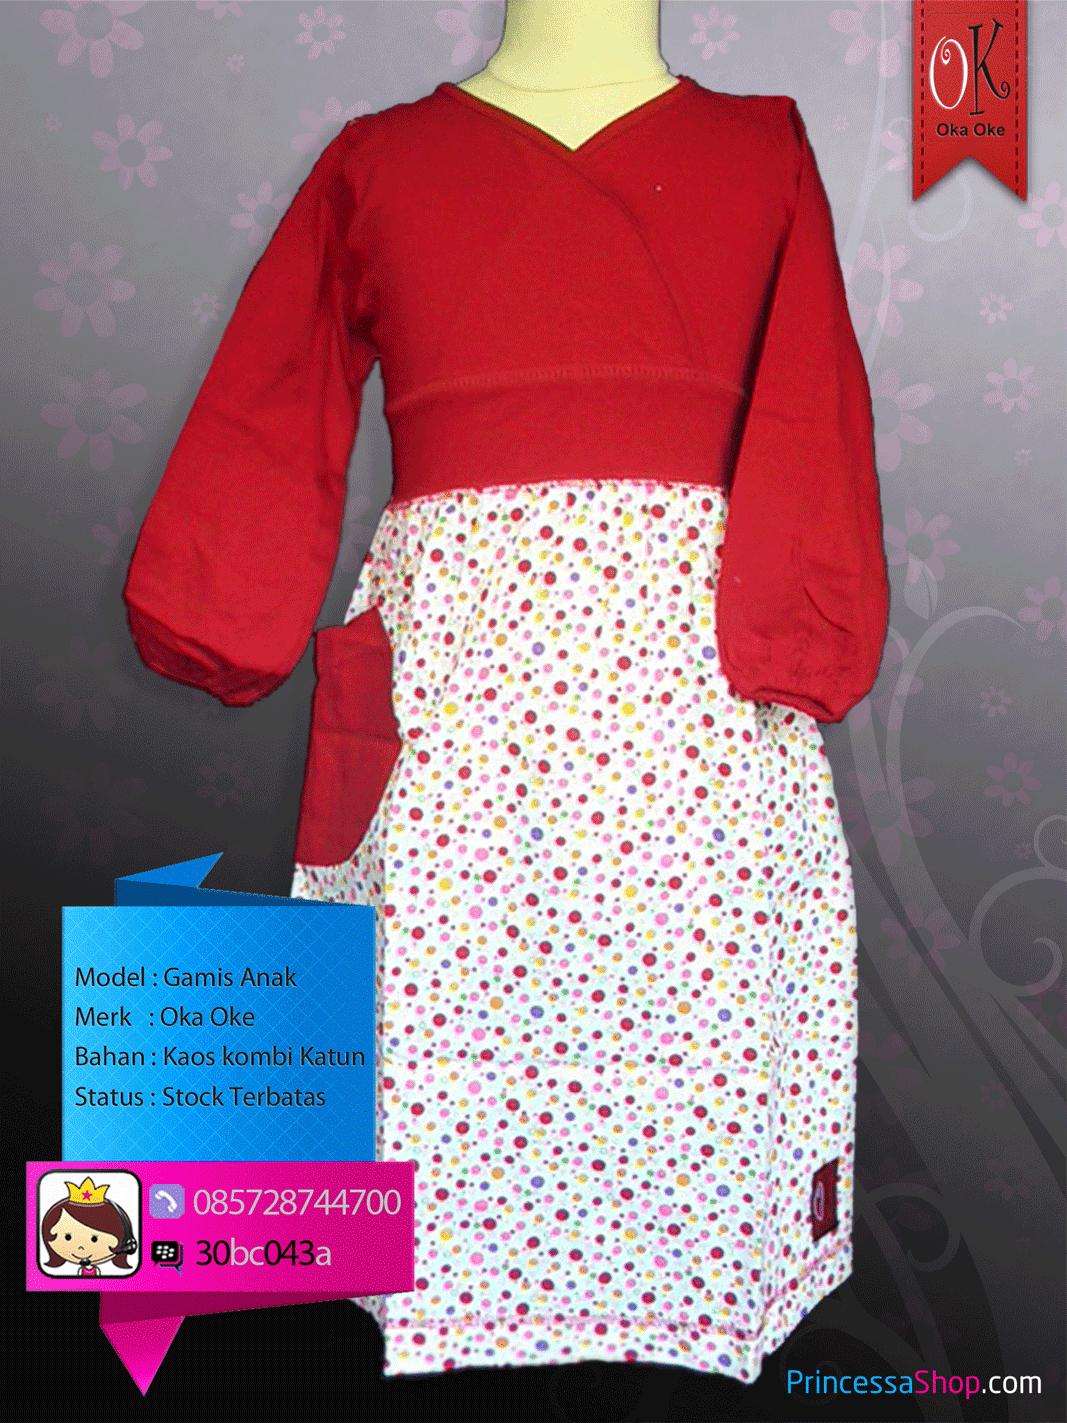 Baju-Gamis-Anak-Perempuan-Terbaru-Oka-Oke-Bahan-Kaos-Katun-Harga-Murah-Online